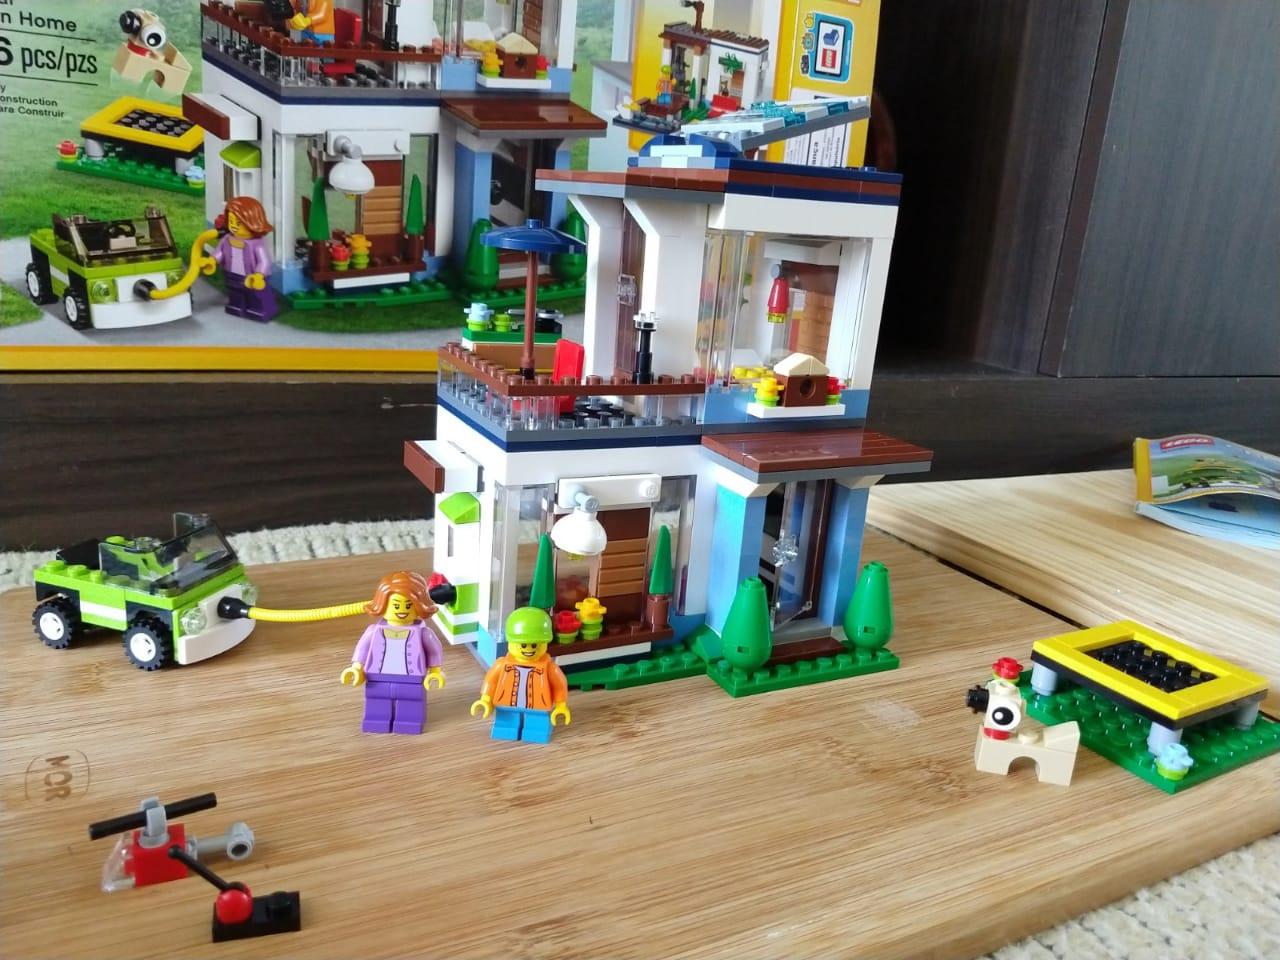 lego modular home 7